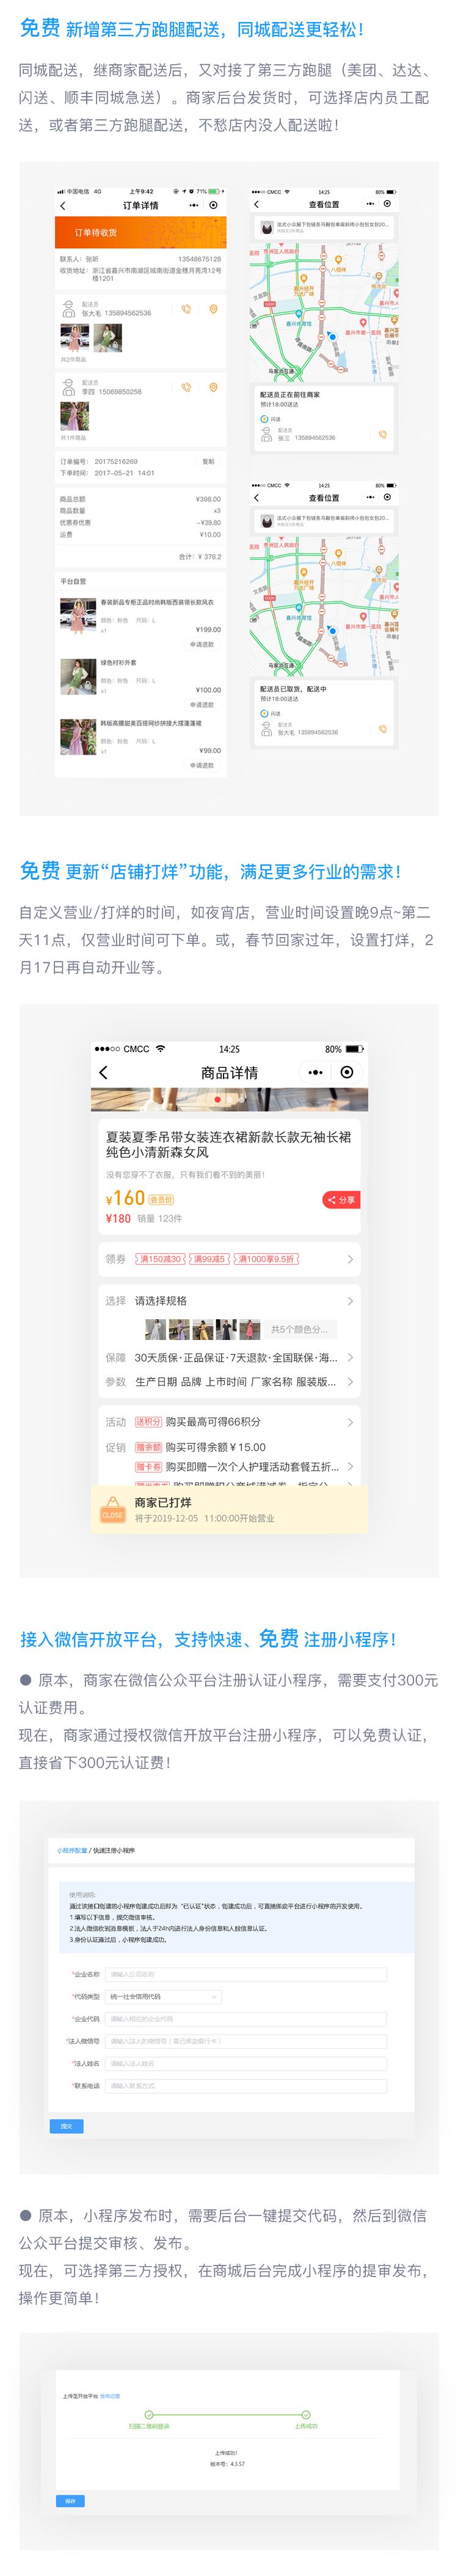 2020更新回顾_04.png